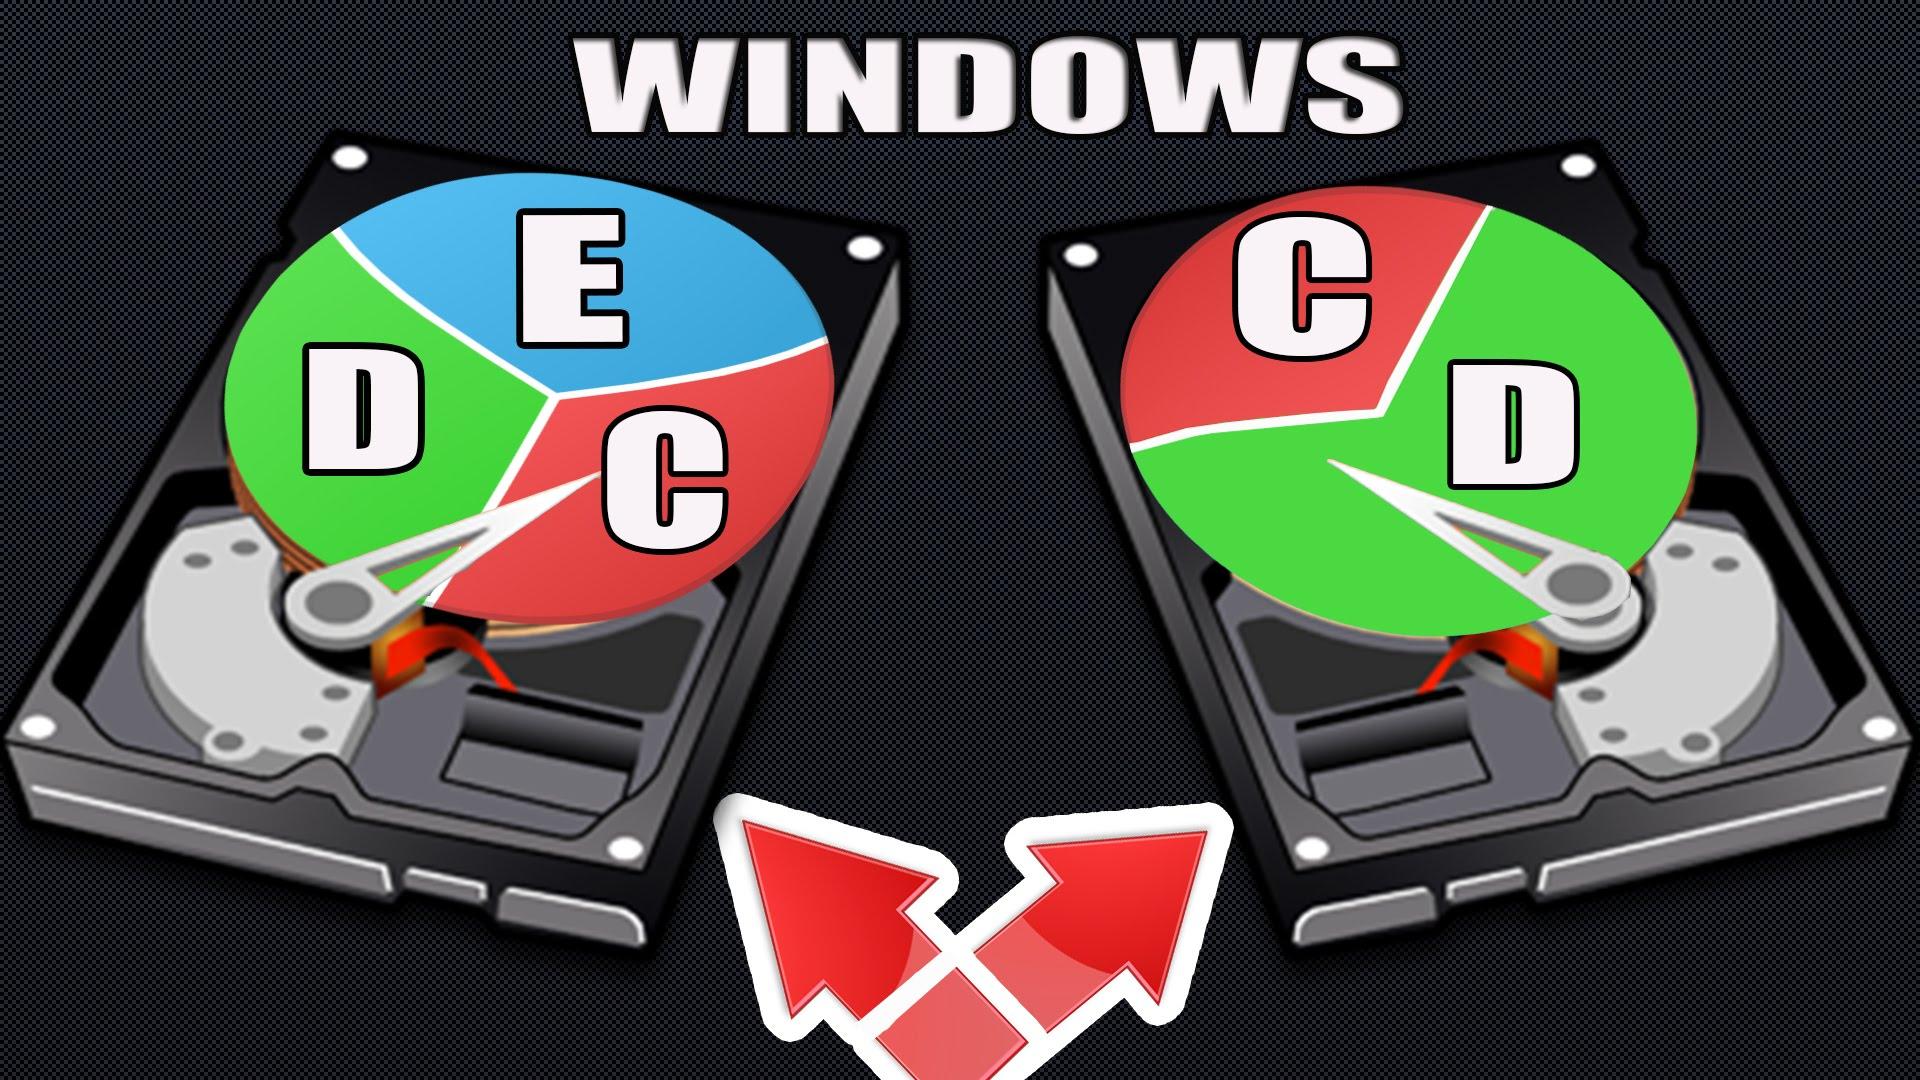 Как соединить два логических диска